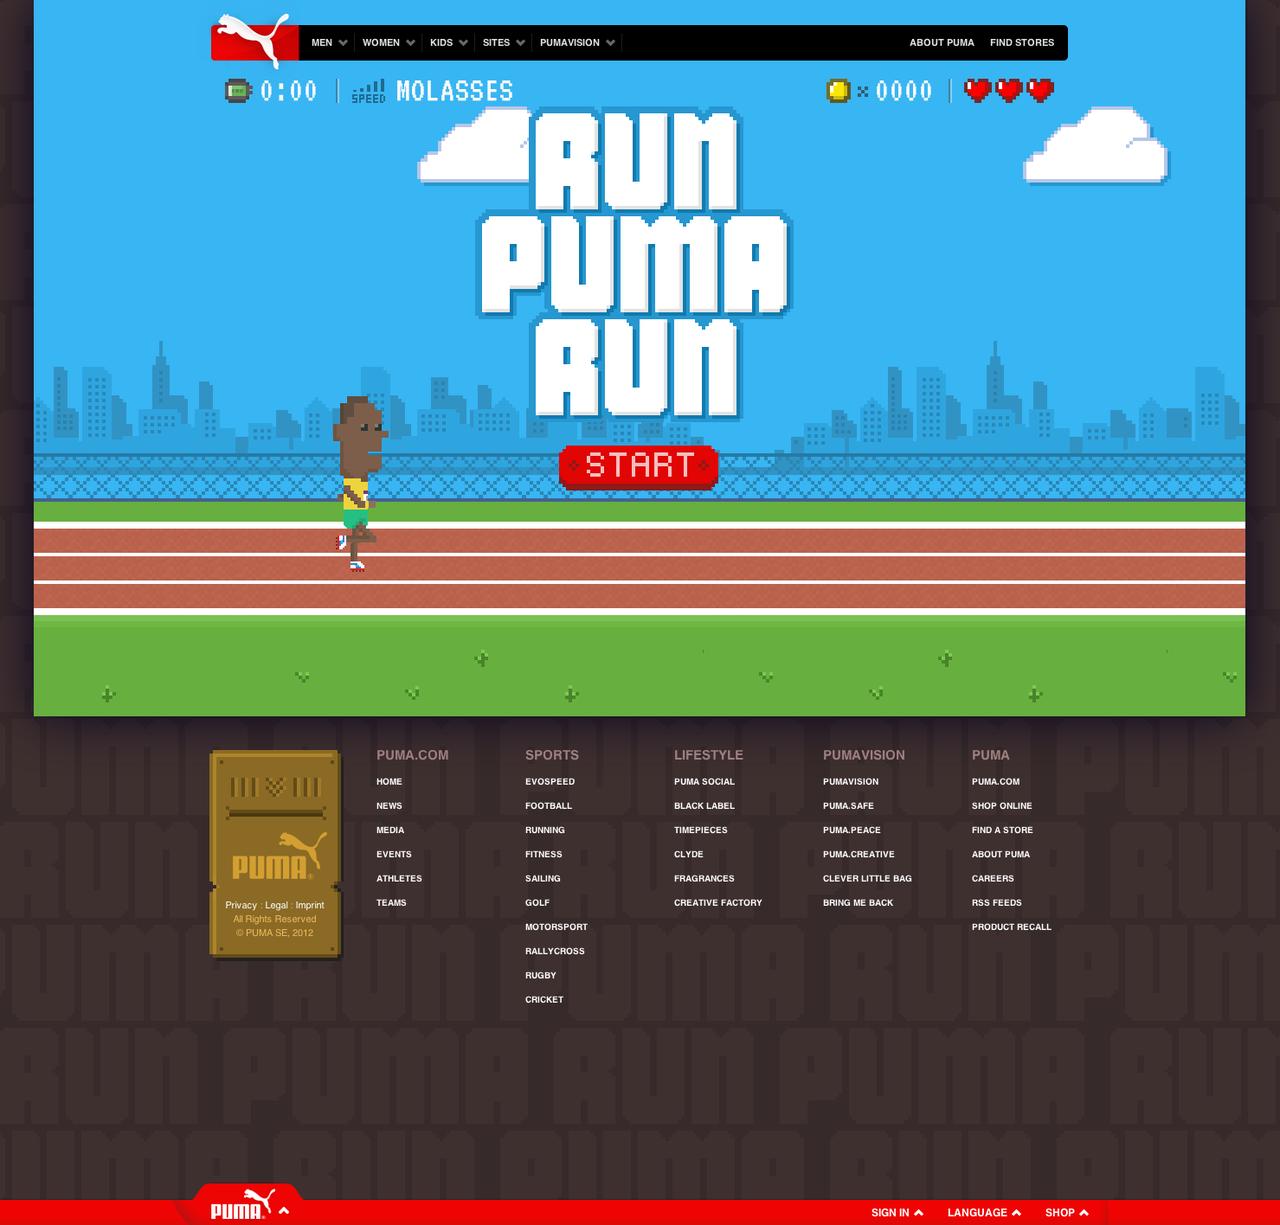 www.puma.com